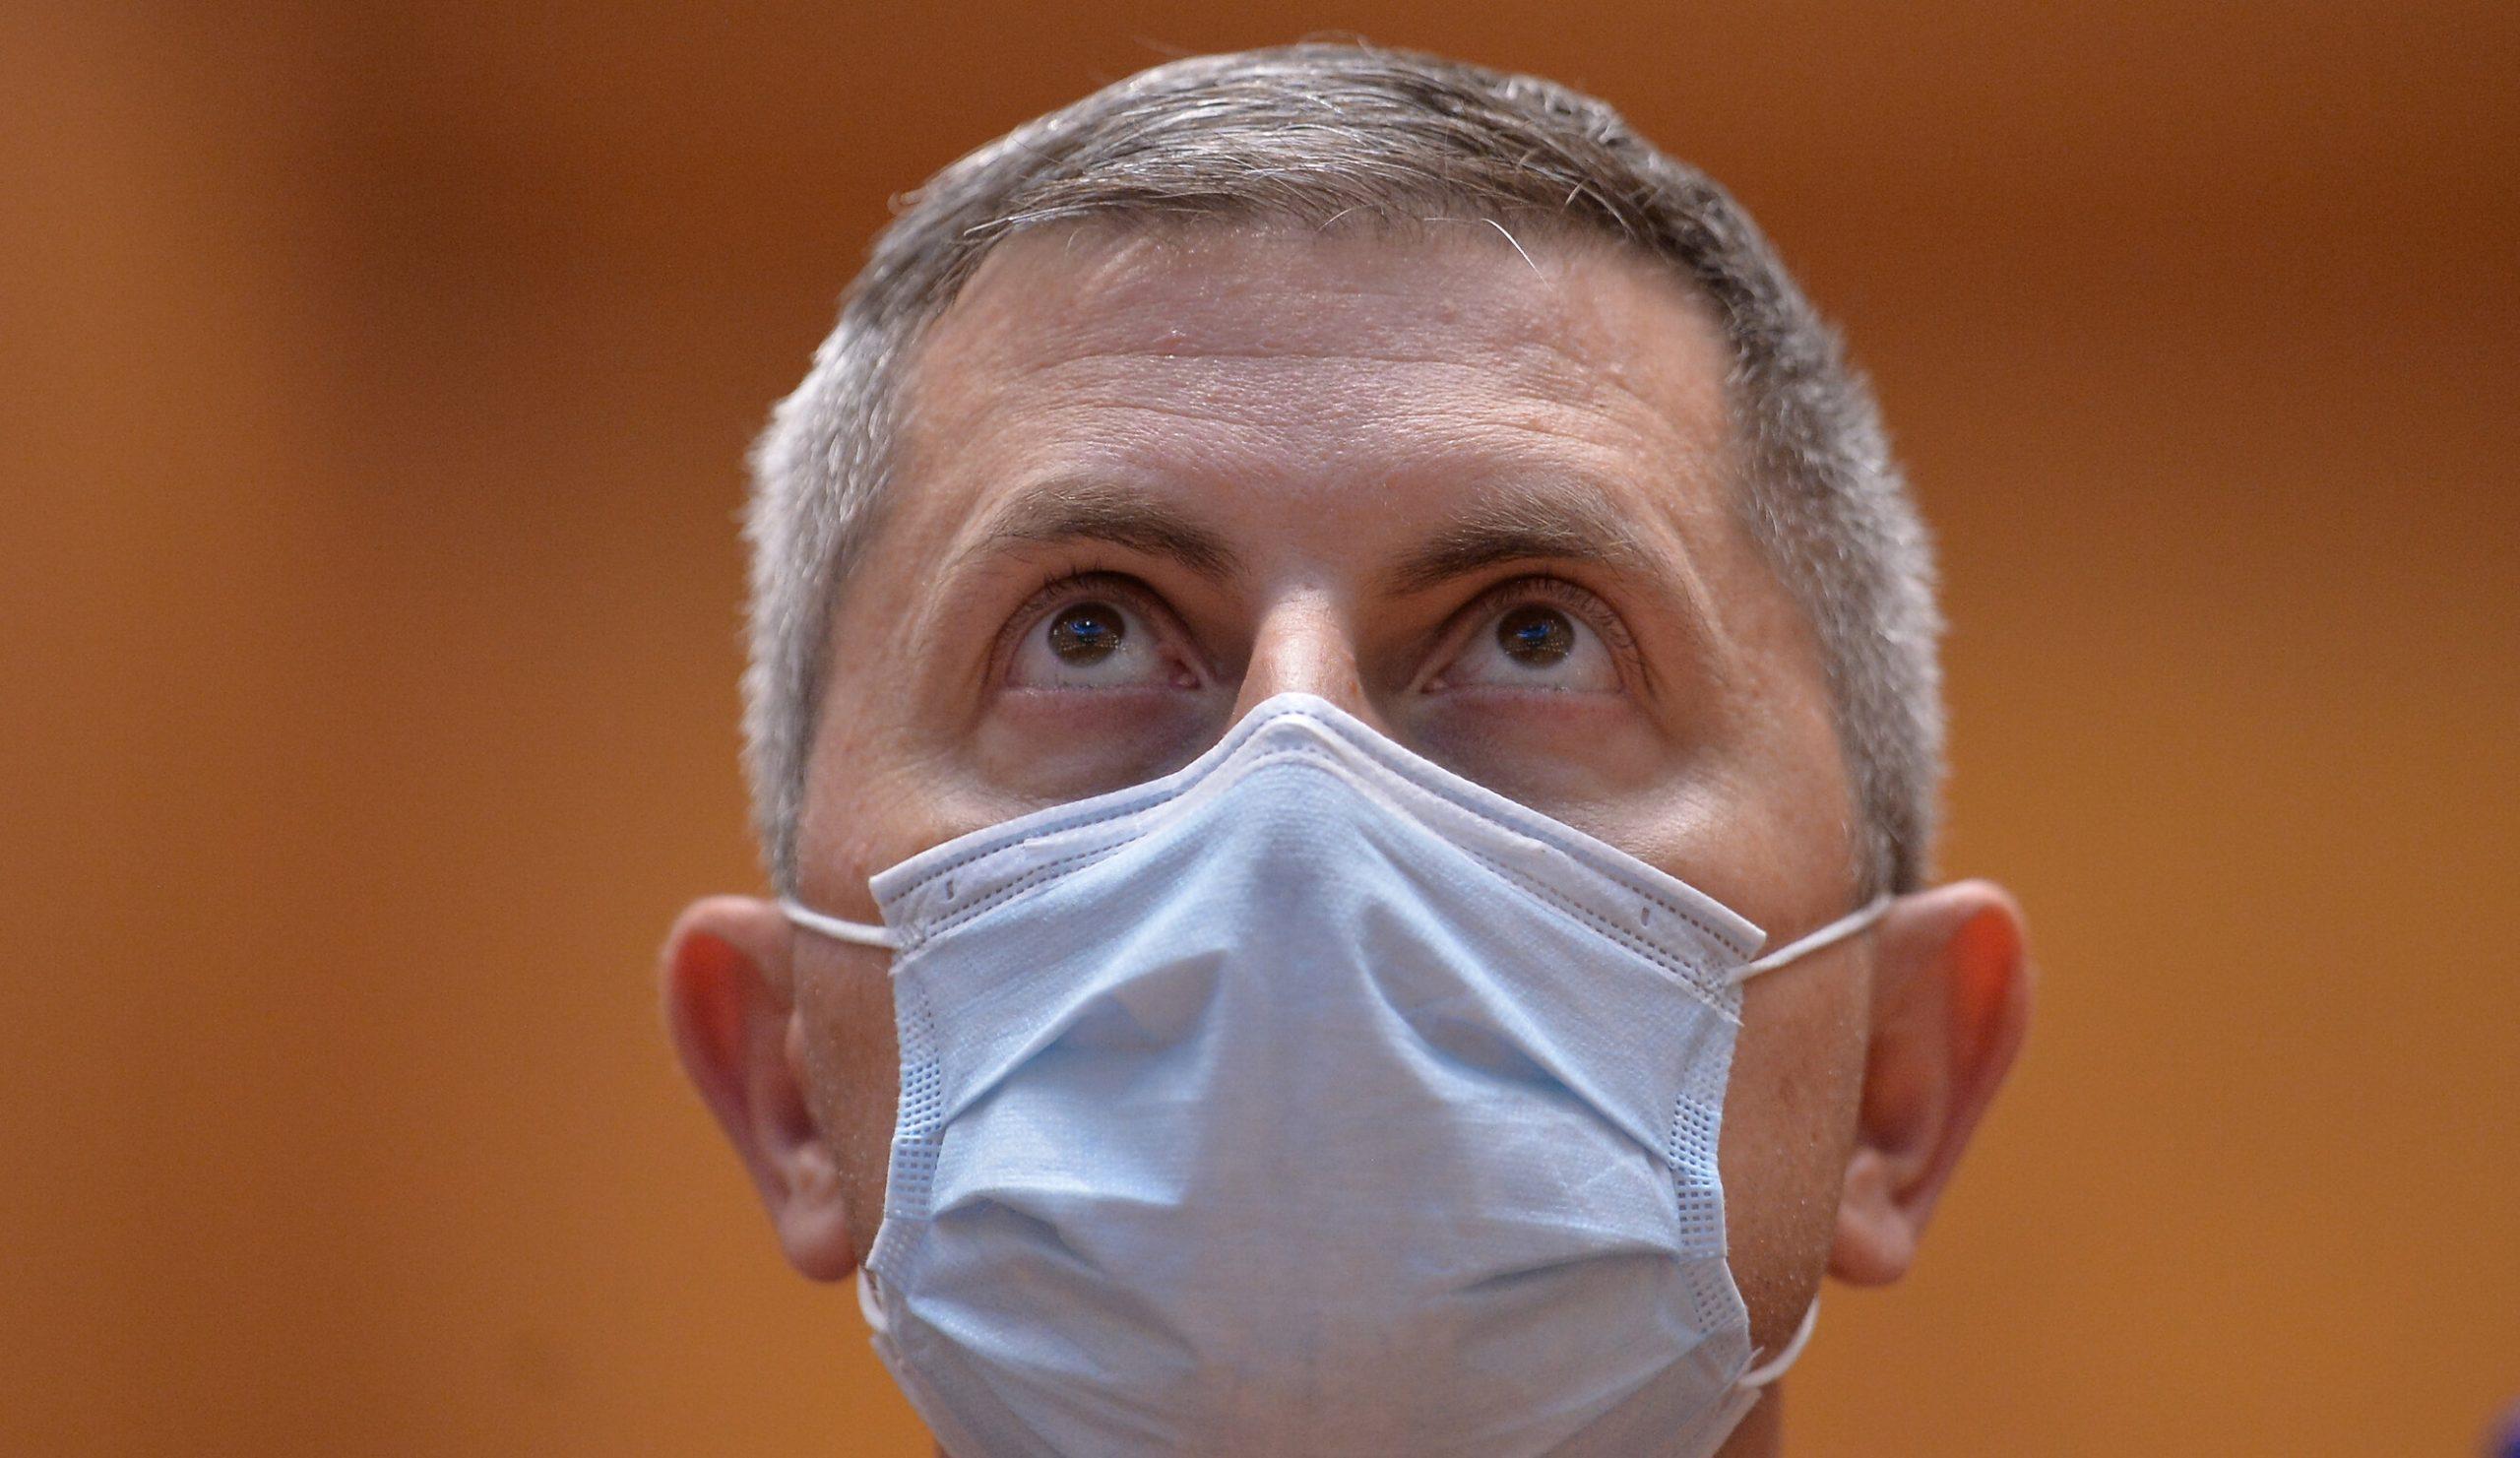 """Guvernul vrea să impună noi restricții. Barna: """"Persoanele vaccinate să meargă la mall în weekend, restul, în cursul săptămânii"""""""